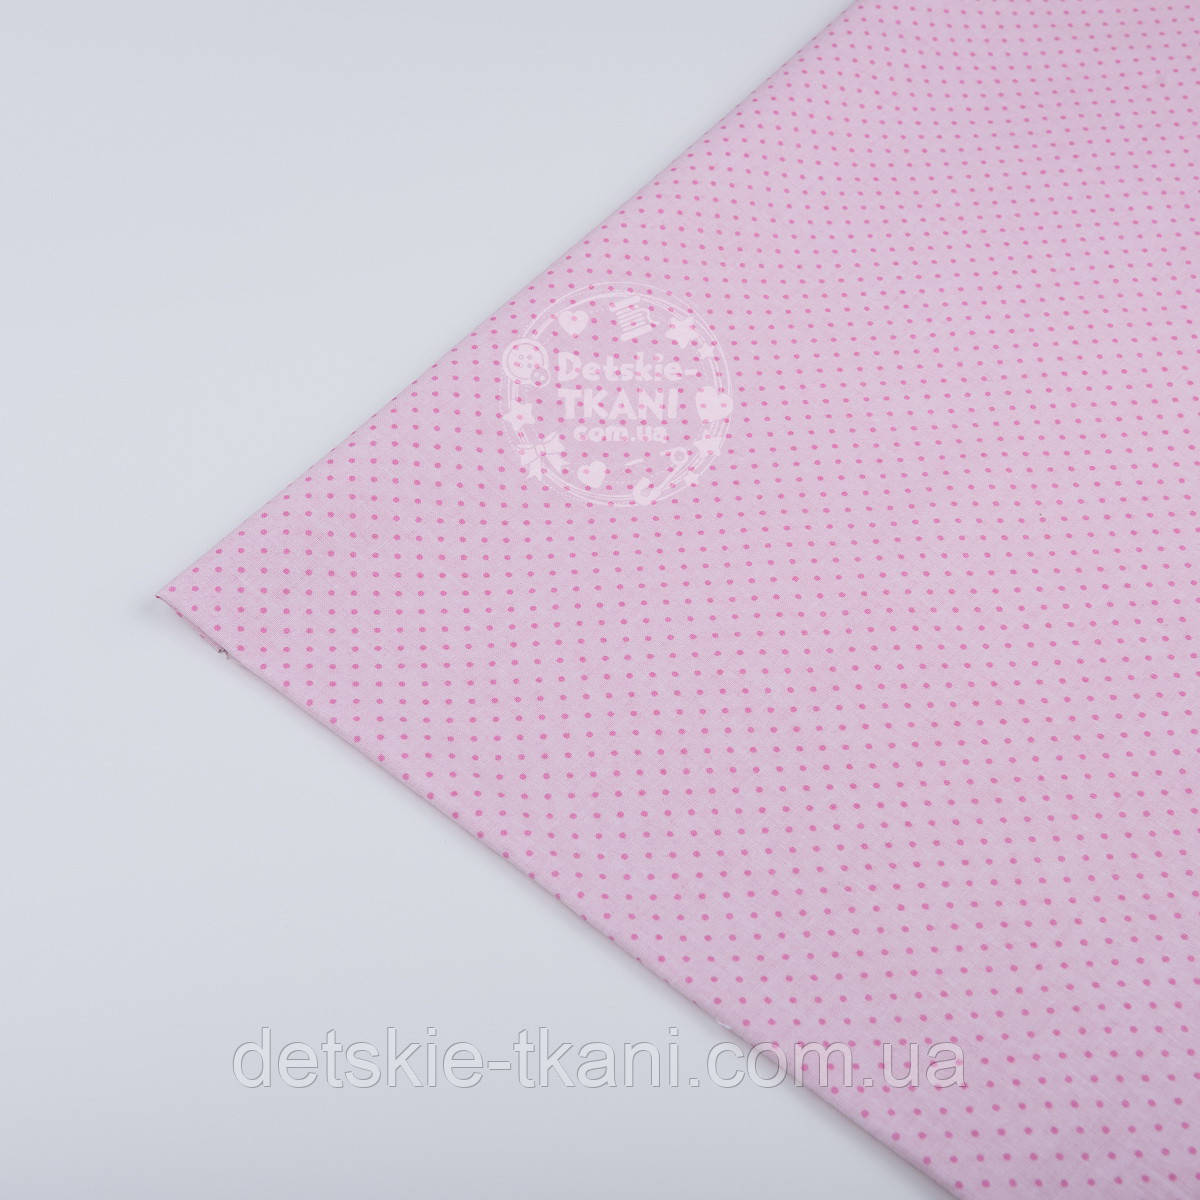 """Лоскут ткани №226 с розовыми точками на розовом фоне """"Шпильки"""", размер 23*130 см"""